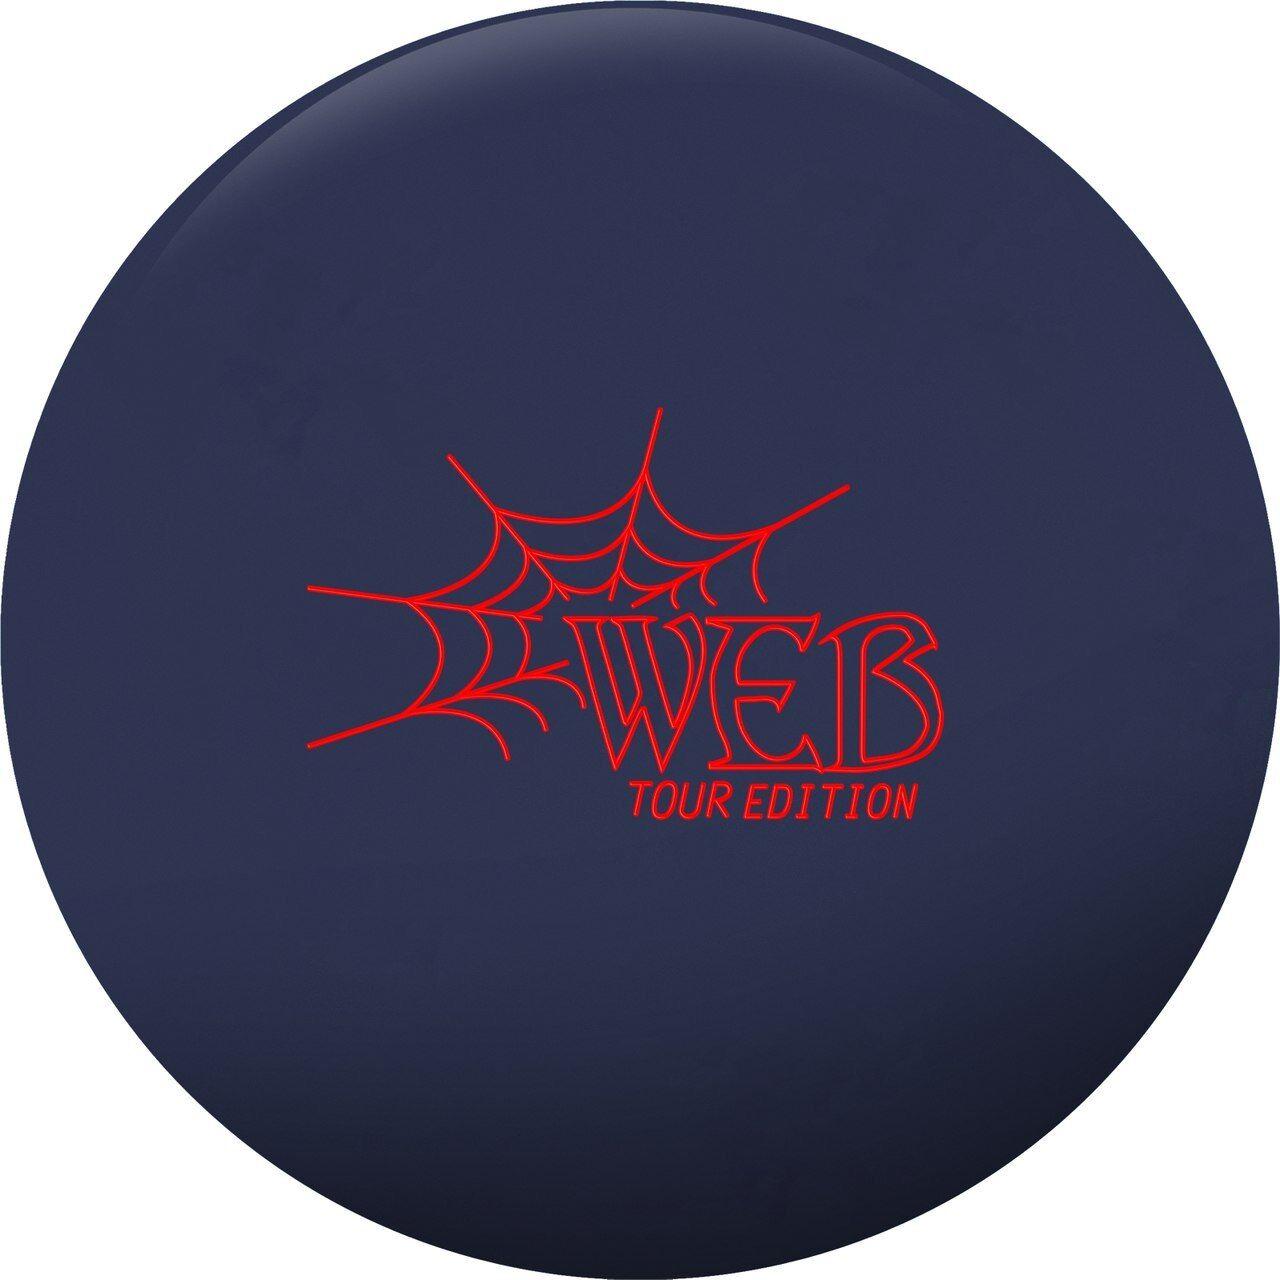 Hammer Web Tour Bowling Ball NIB 1st Quality